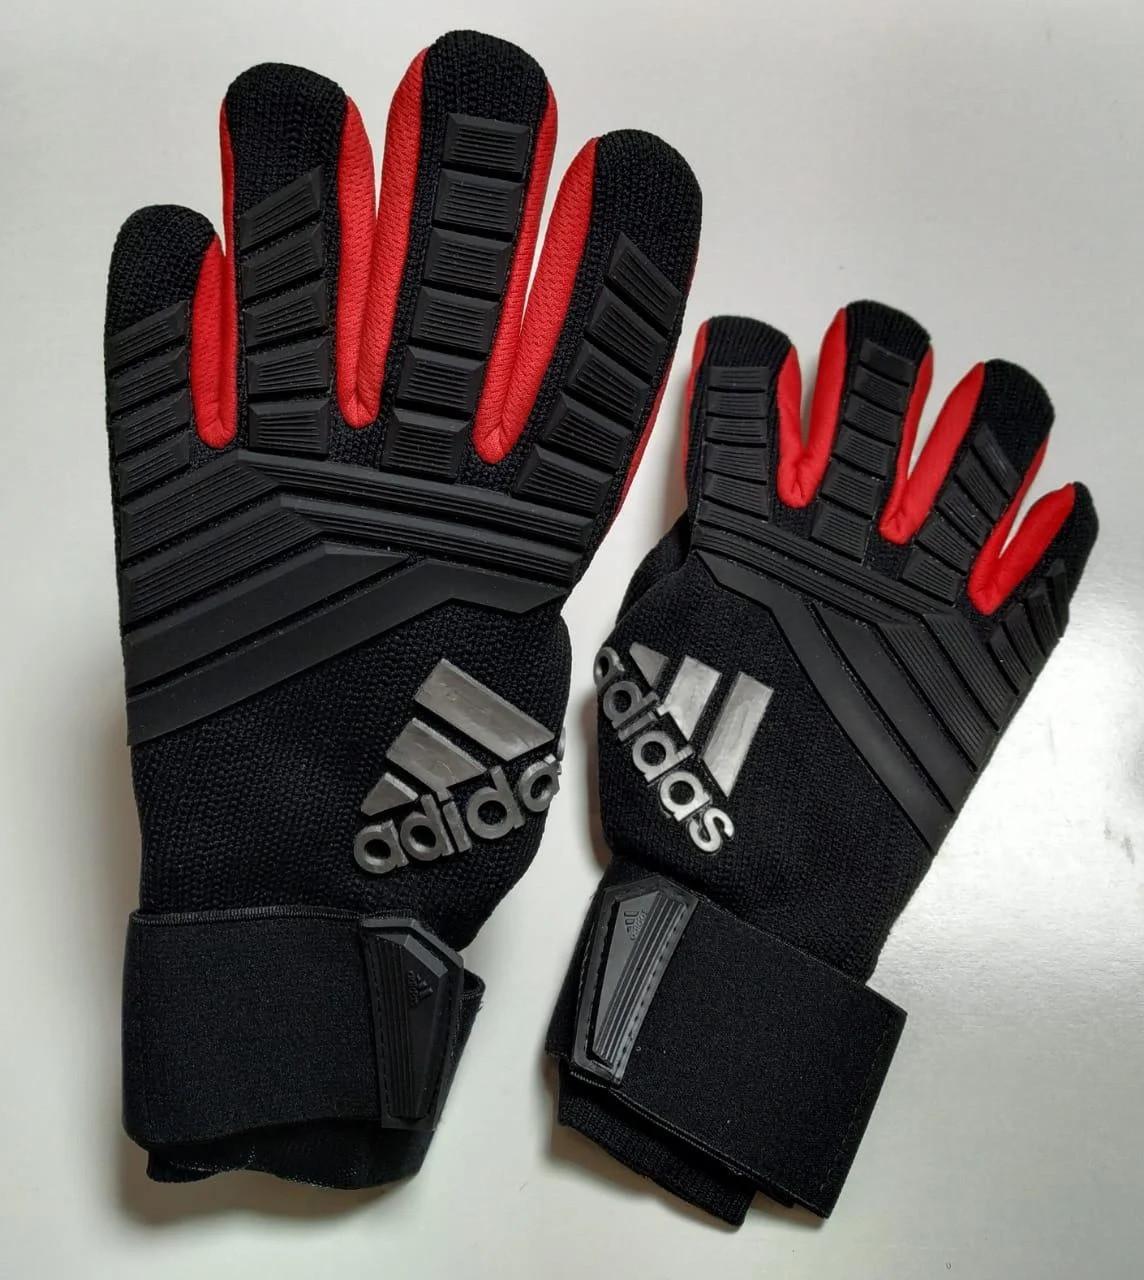 Вратарские перчаткиВратарские перчатки Adidas original 918